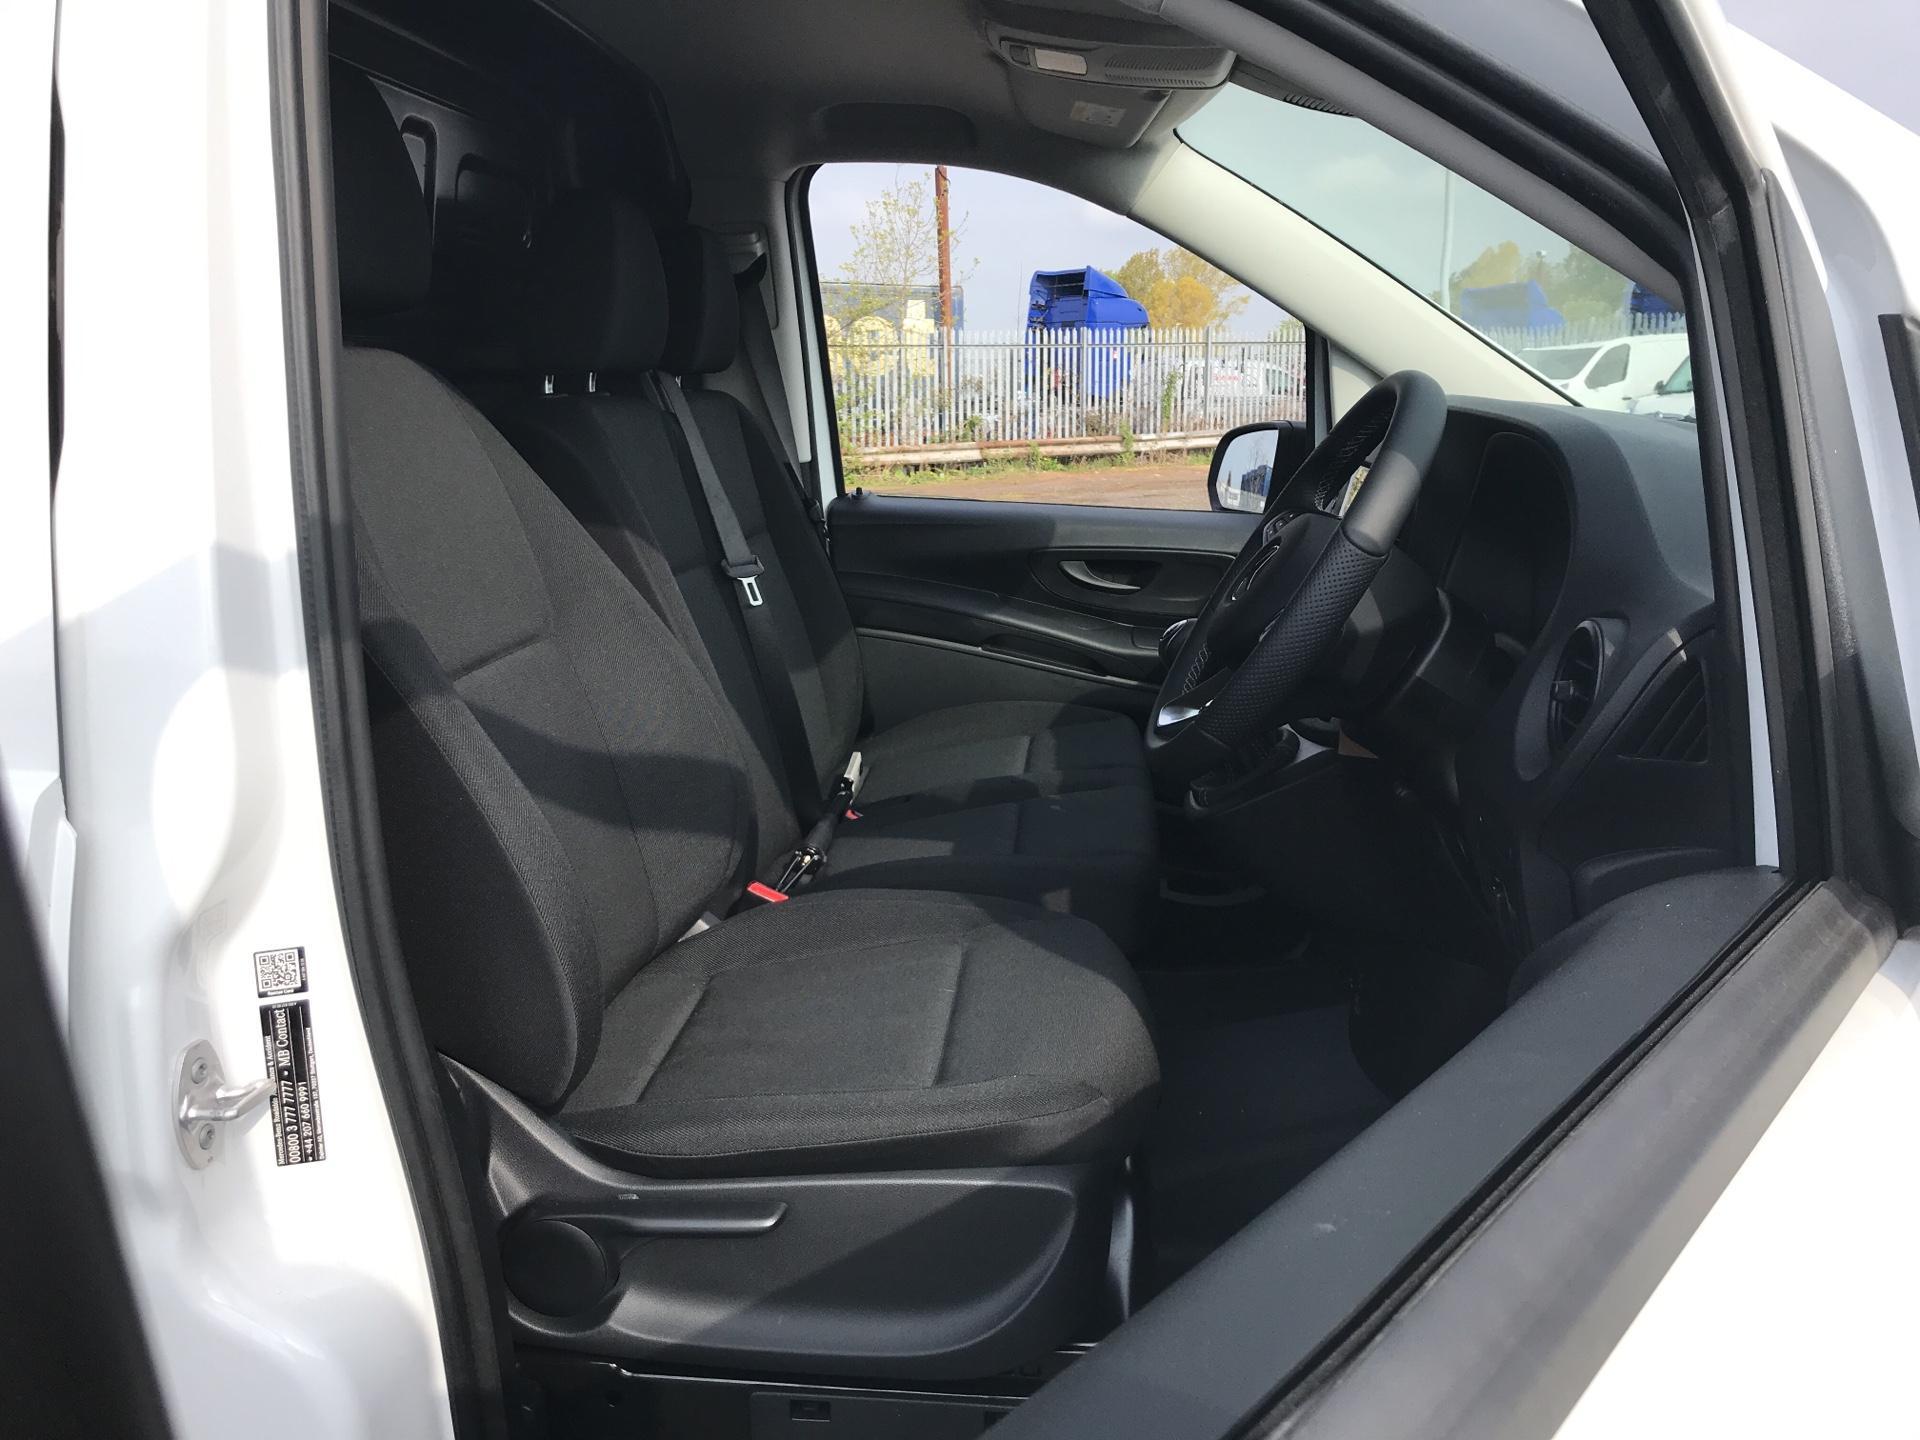 2019 Mercedes-Benz Vito LONG 111CDI VAN EURO 6  (YN19ZGP) Image 9